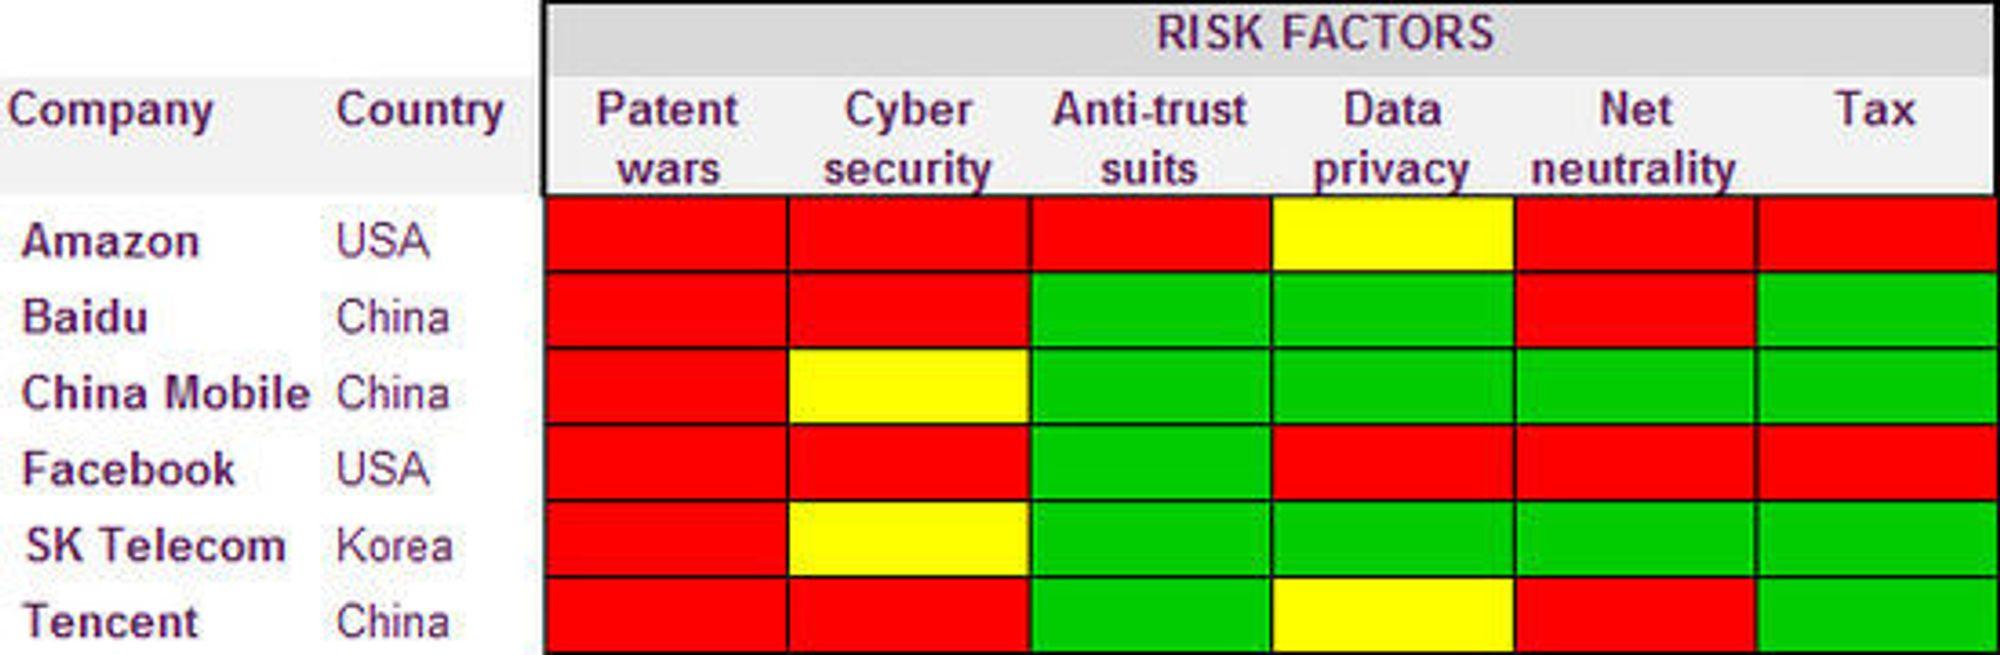 Hvordan risikofaktorene ser ut til å såut på mulige nye leverandører inntjening.